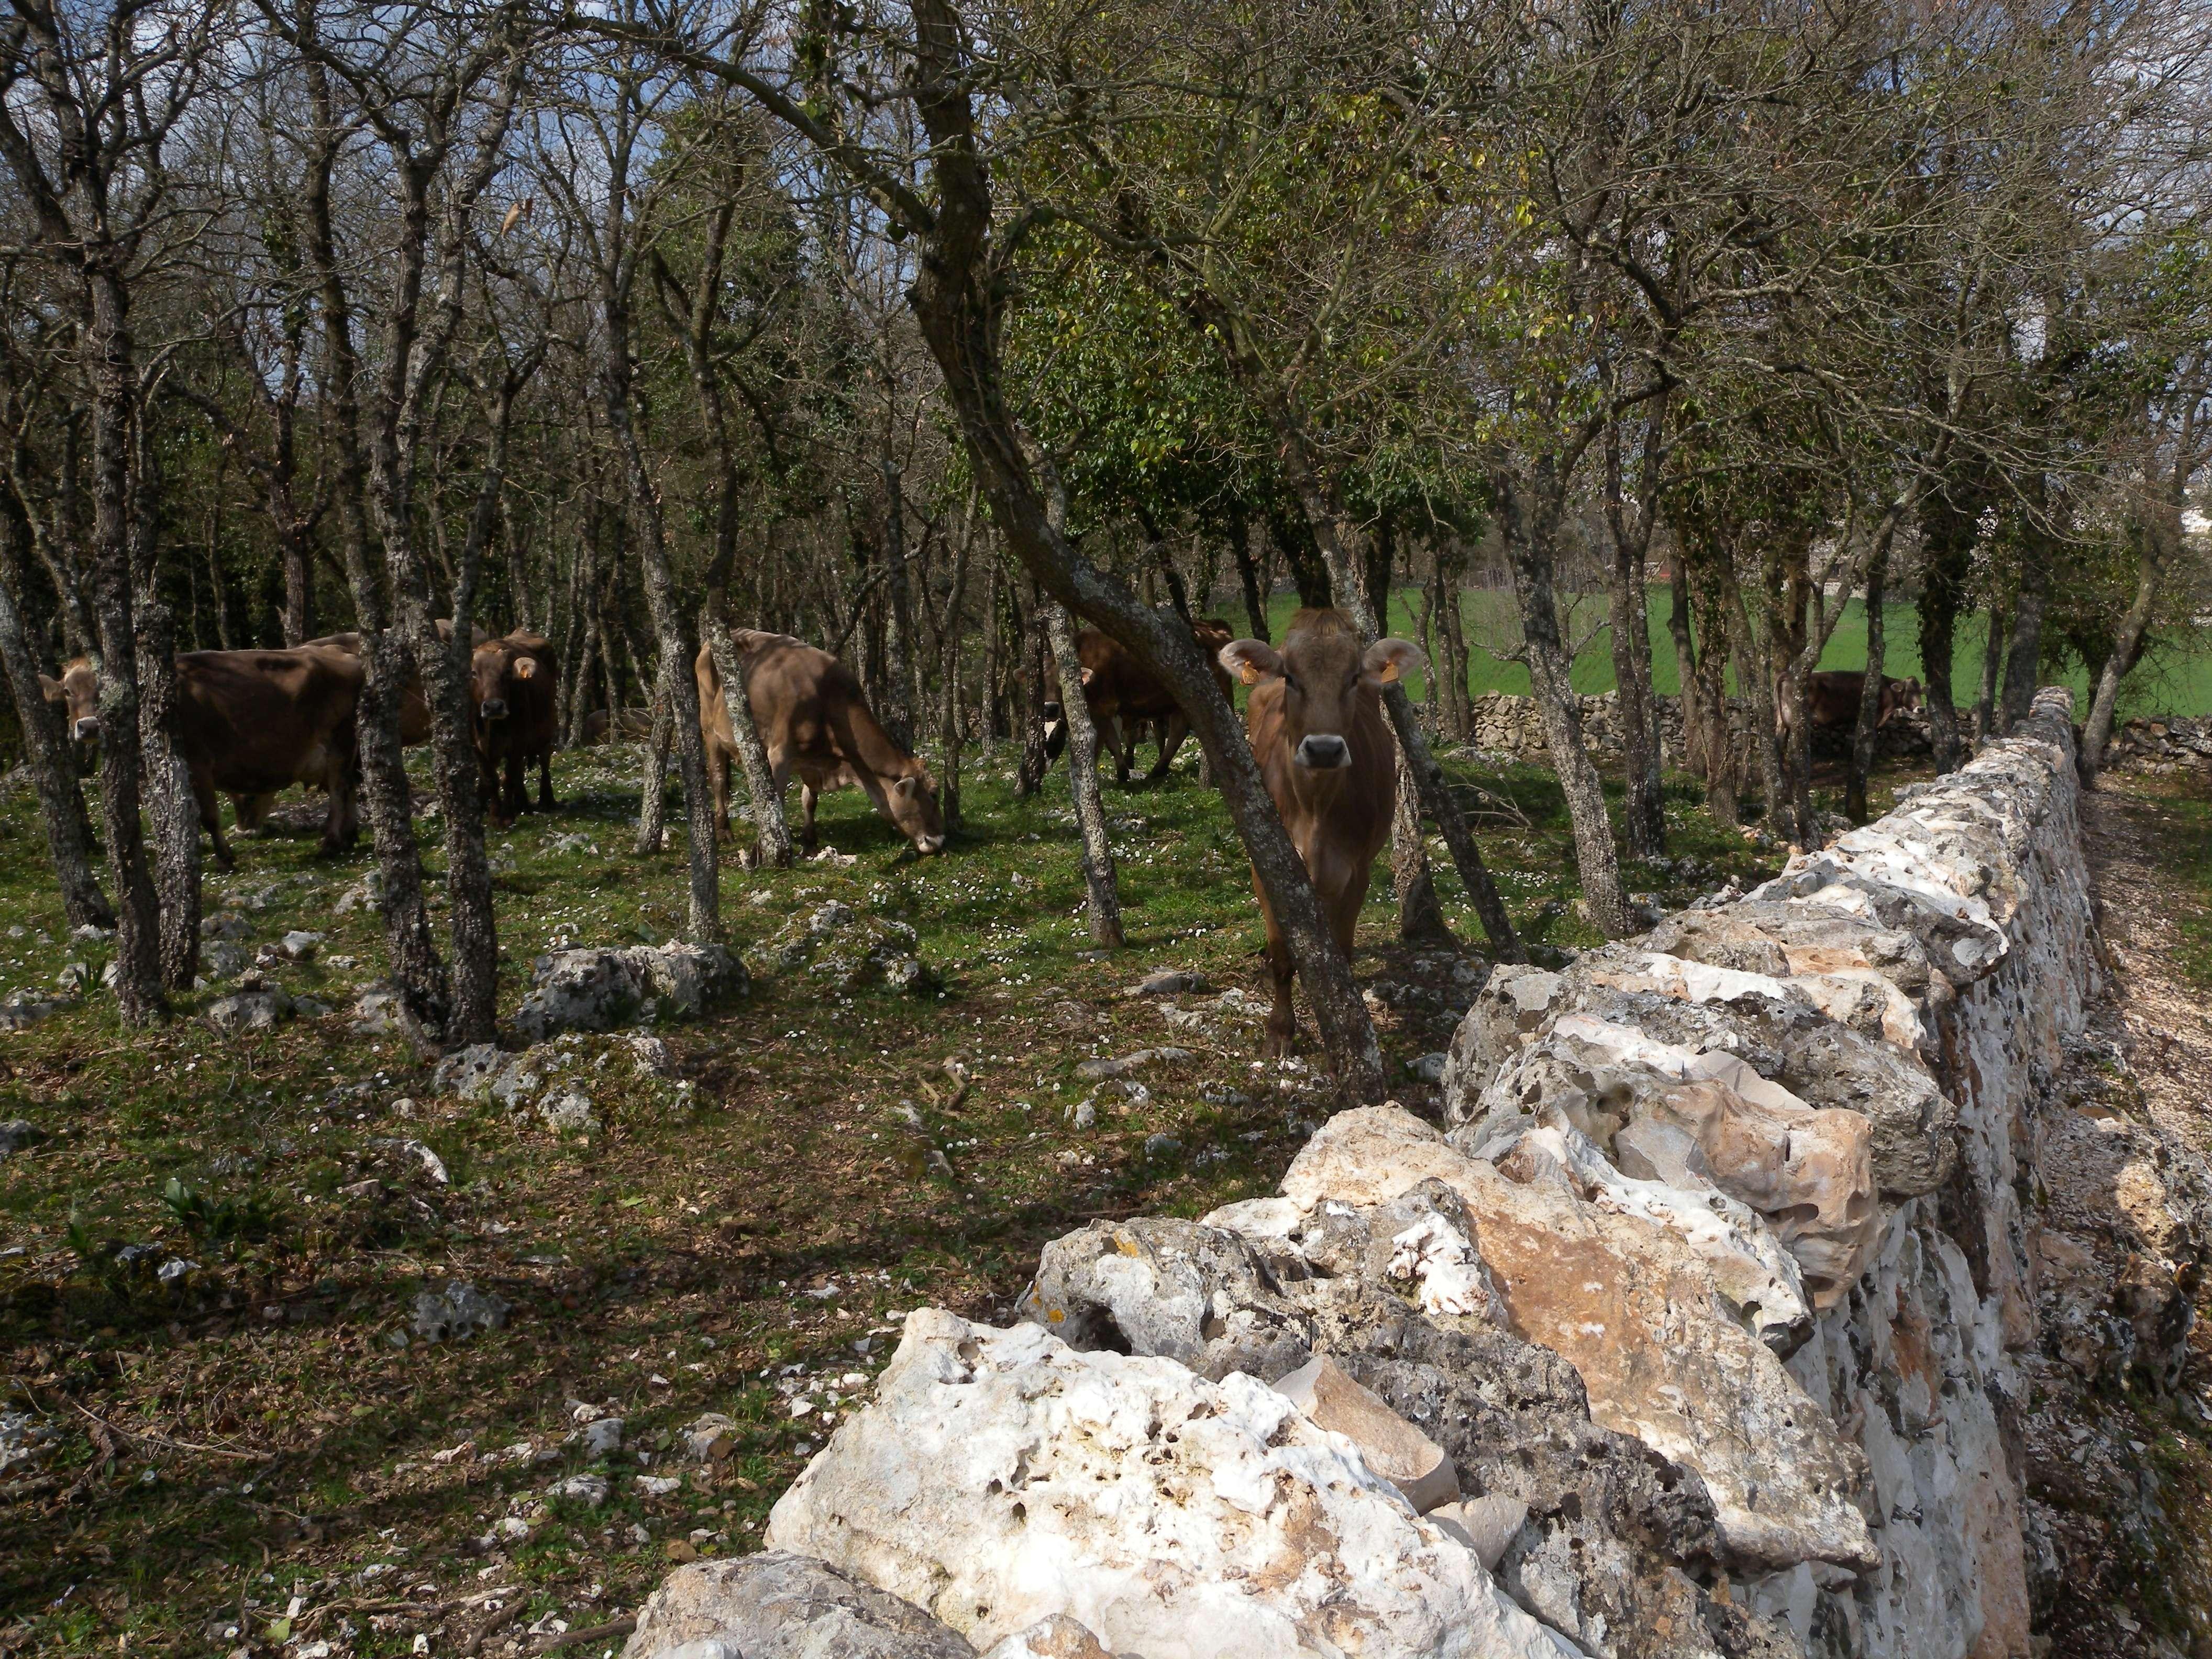 mucche sotto ad alberi al di là di un muro in pietra